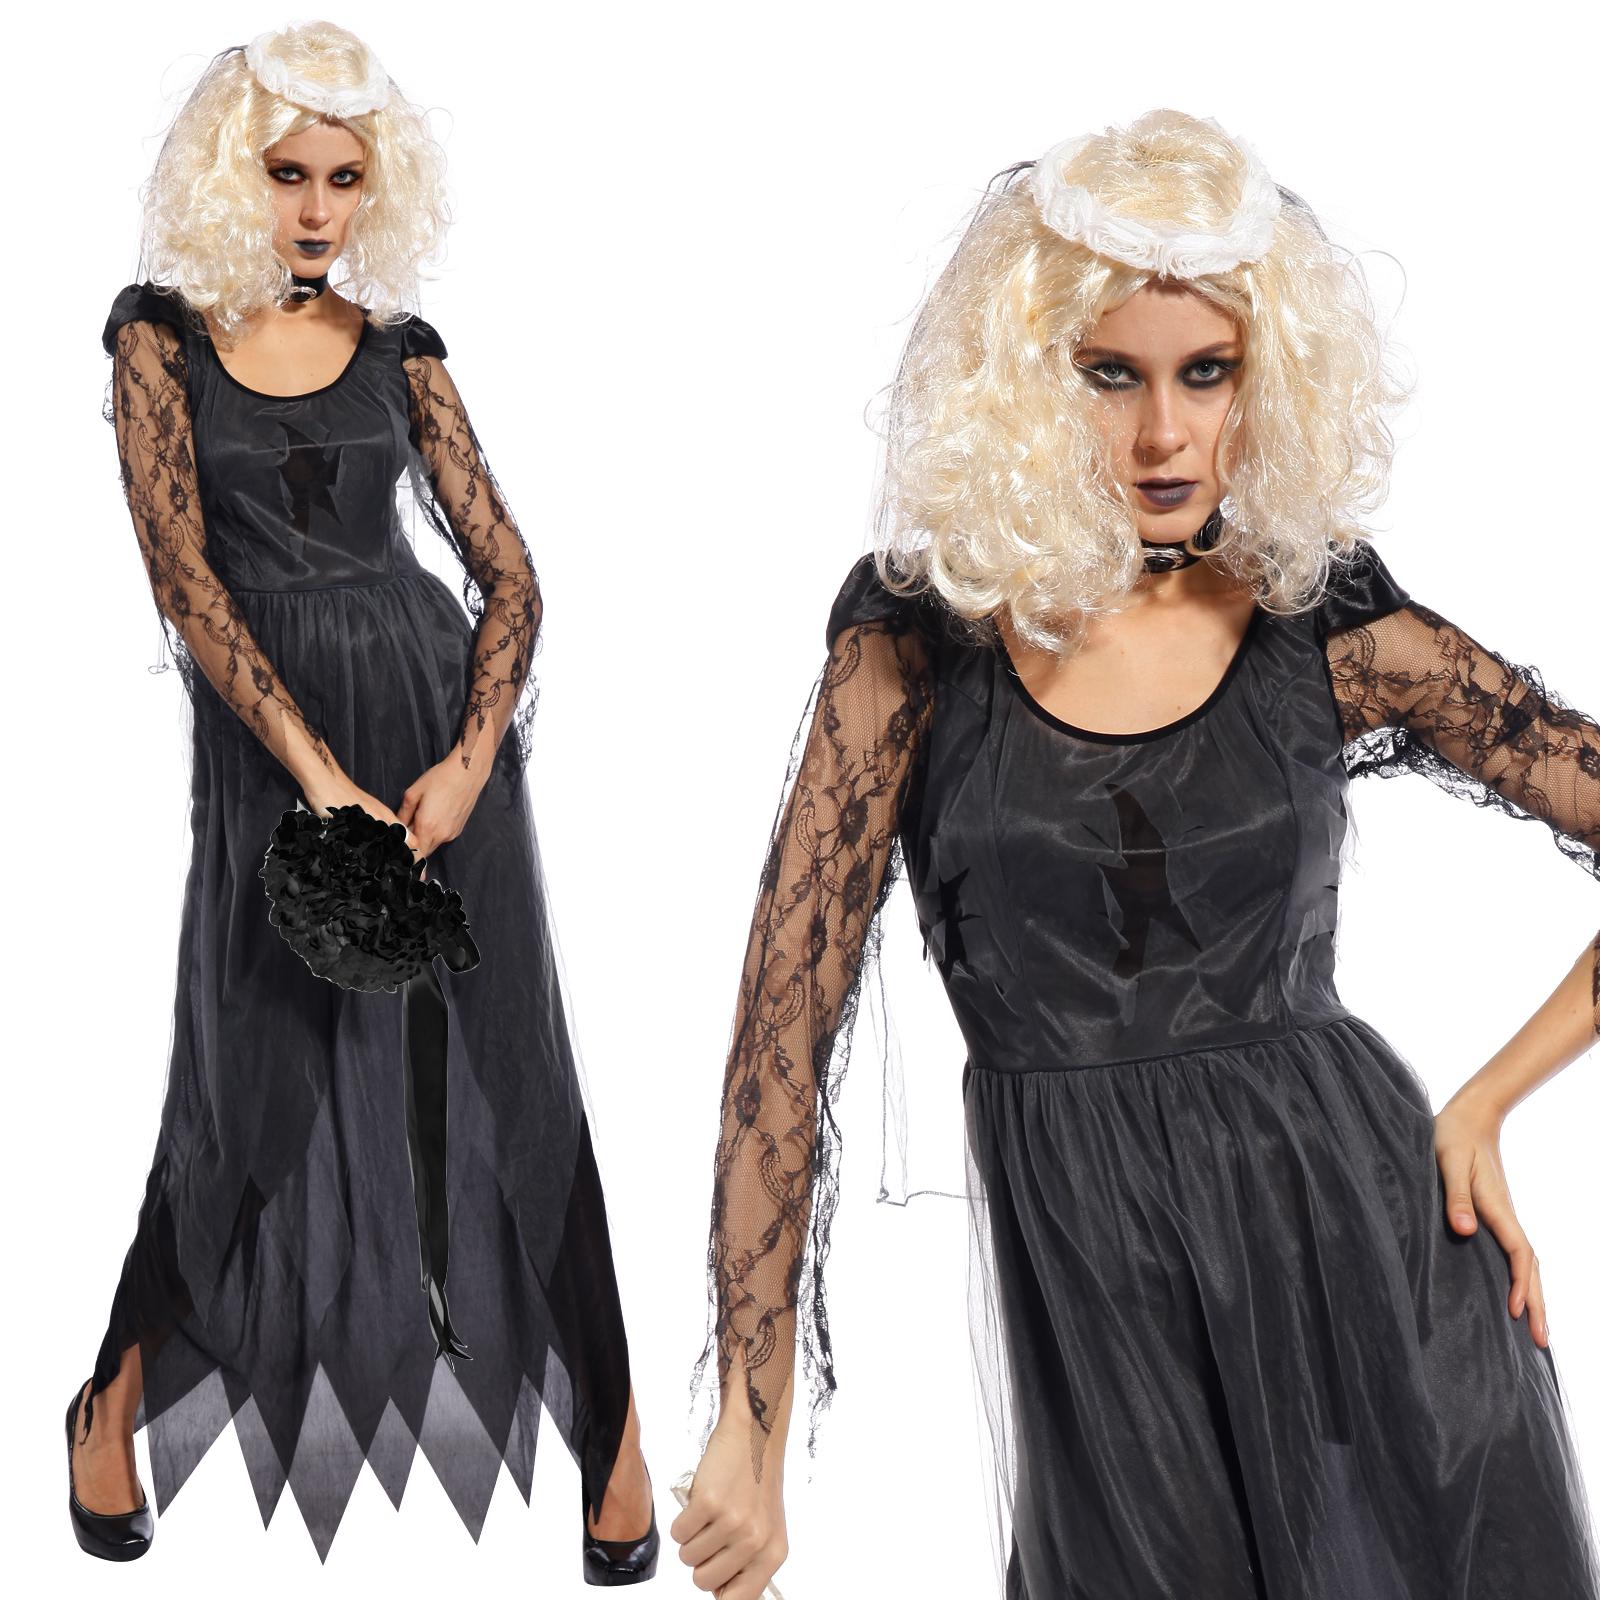 geist braut kost m gothischer vampir zombie halloween karneval verkleidung damen ebay. Black Bedroom Furniture Sets. Home Design Ideas